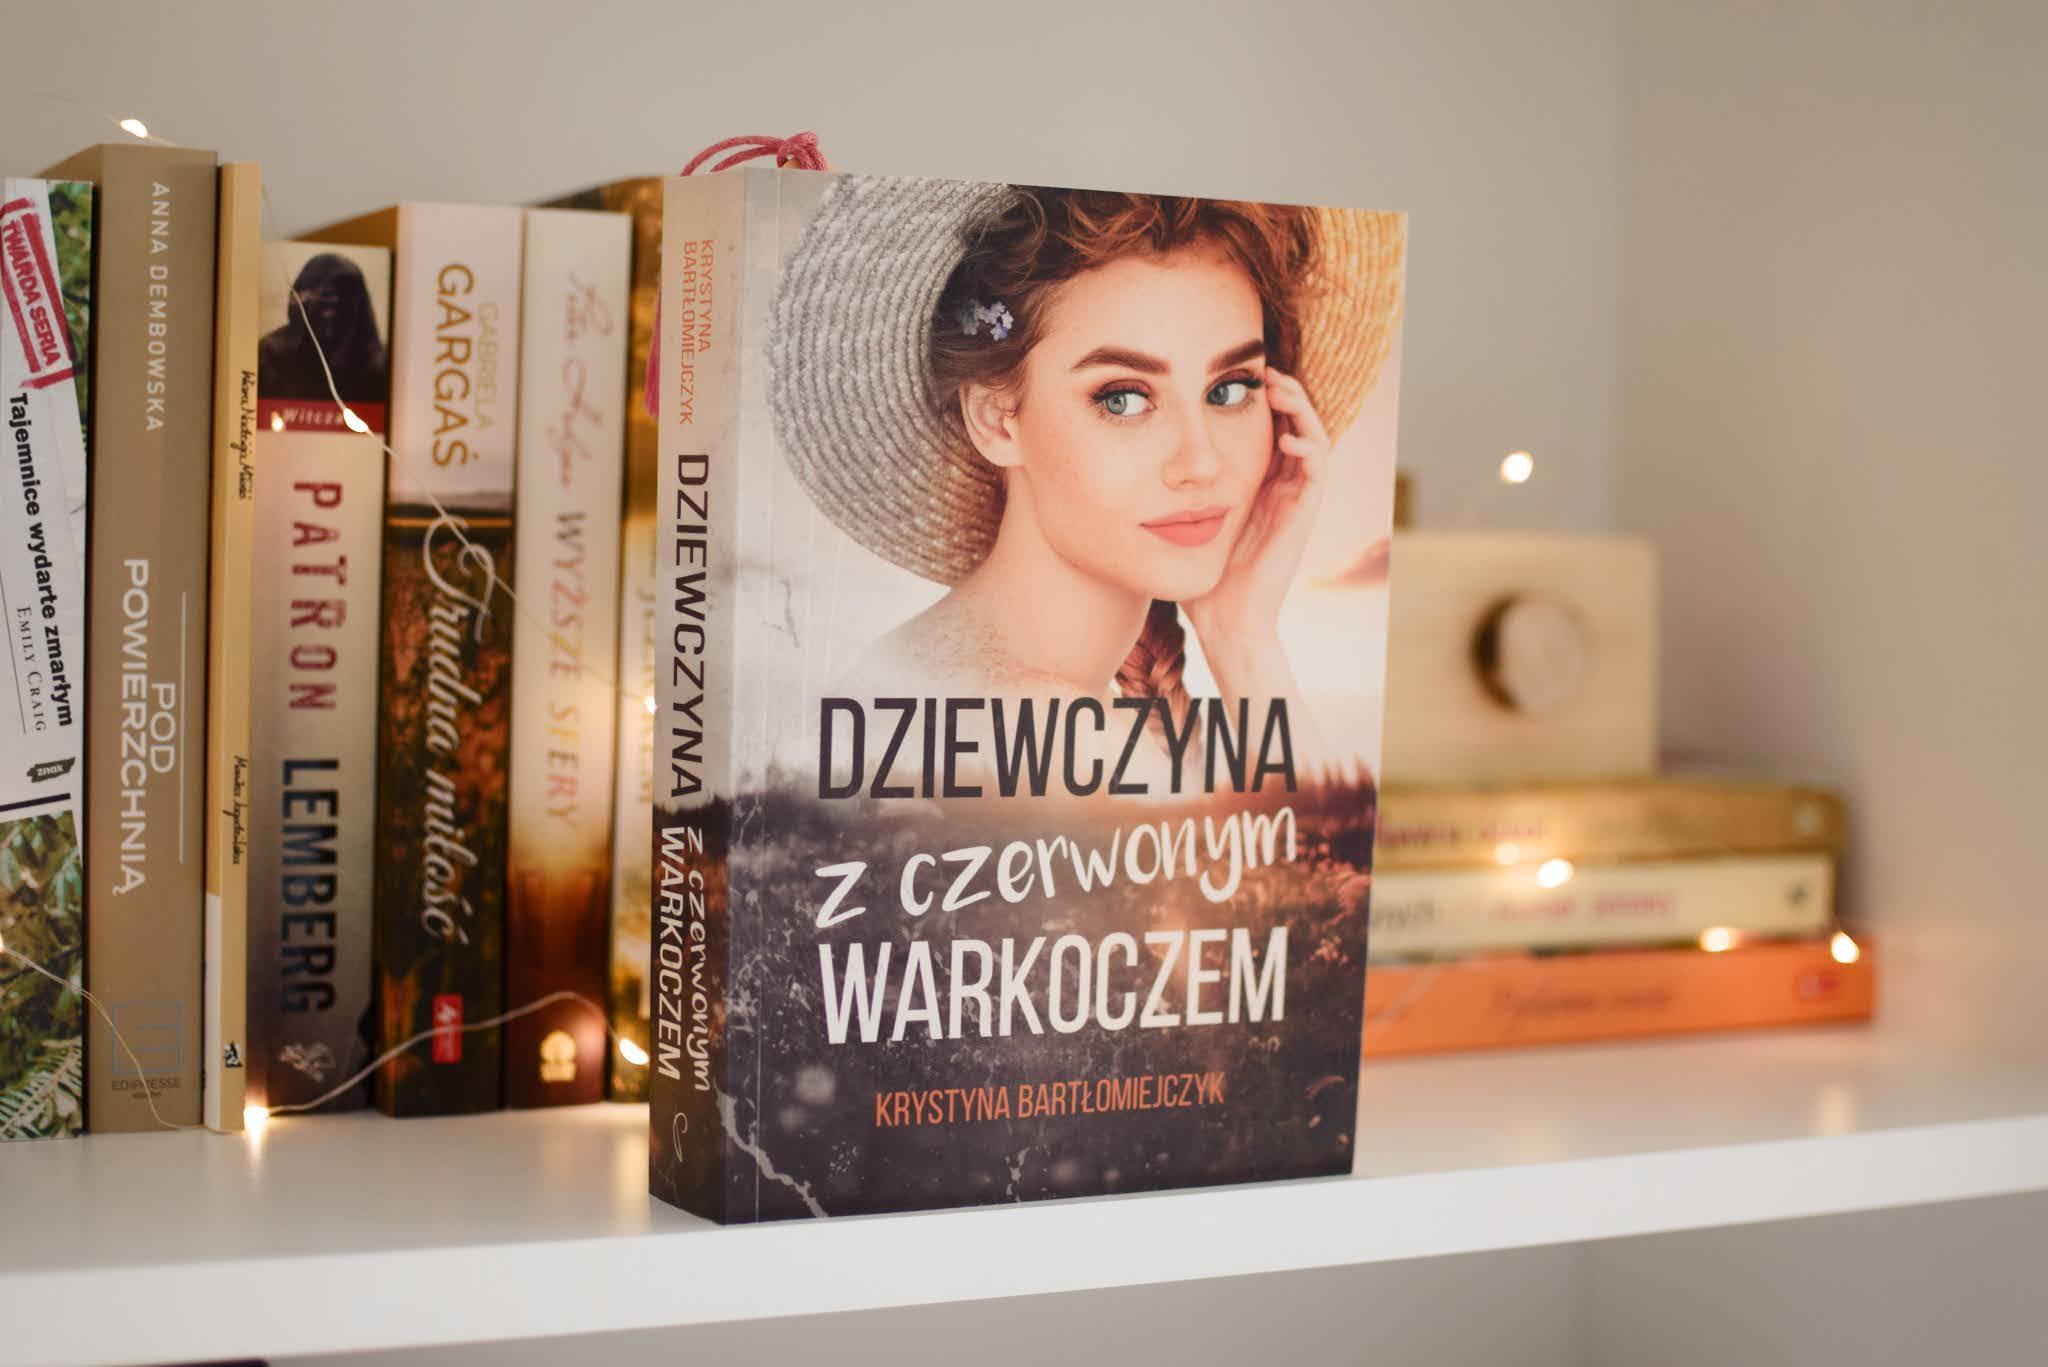 KrystynaBartłomiejczyk, DziewczynaZCzerwonymWarkoczem,powieśćobyczajowa,WydawnictwoProzami,opowiadanie,recenzja,zjawiskaparanormalne,metafizyka,